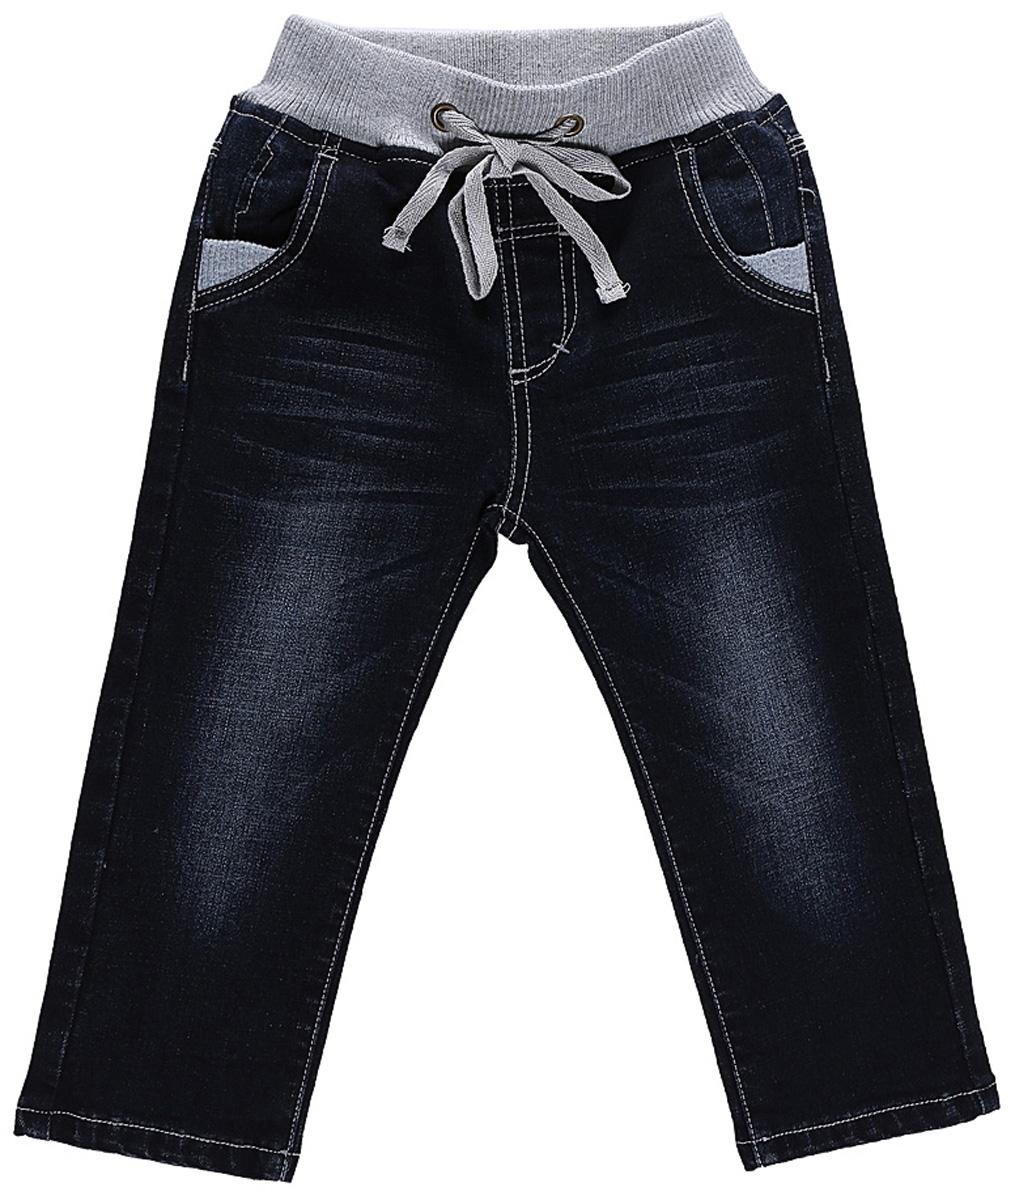 206166Джинсы Sweet Berry для мальчика с эффектом потертости выполнены из высококачественного материала. Изделие прямого кроя и стандартной посадки на талии дополнено эластичной резинкой и кулиской. Модель оформлена спереди двумя карманами, а сзади двумя накладными карманами.